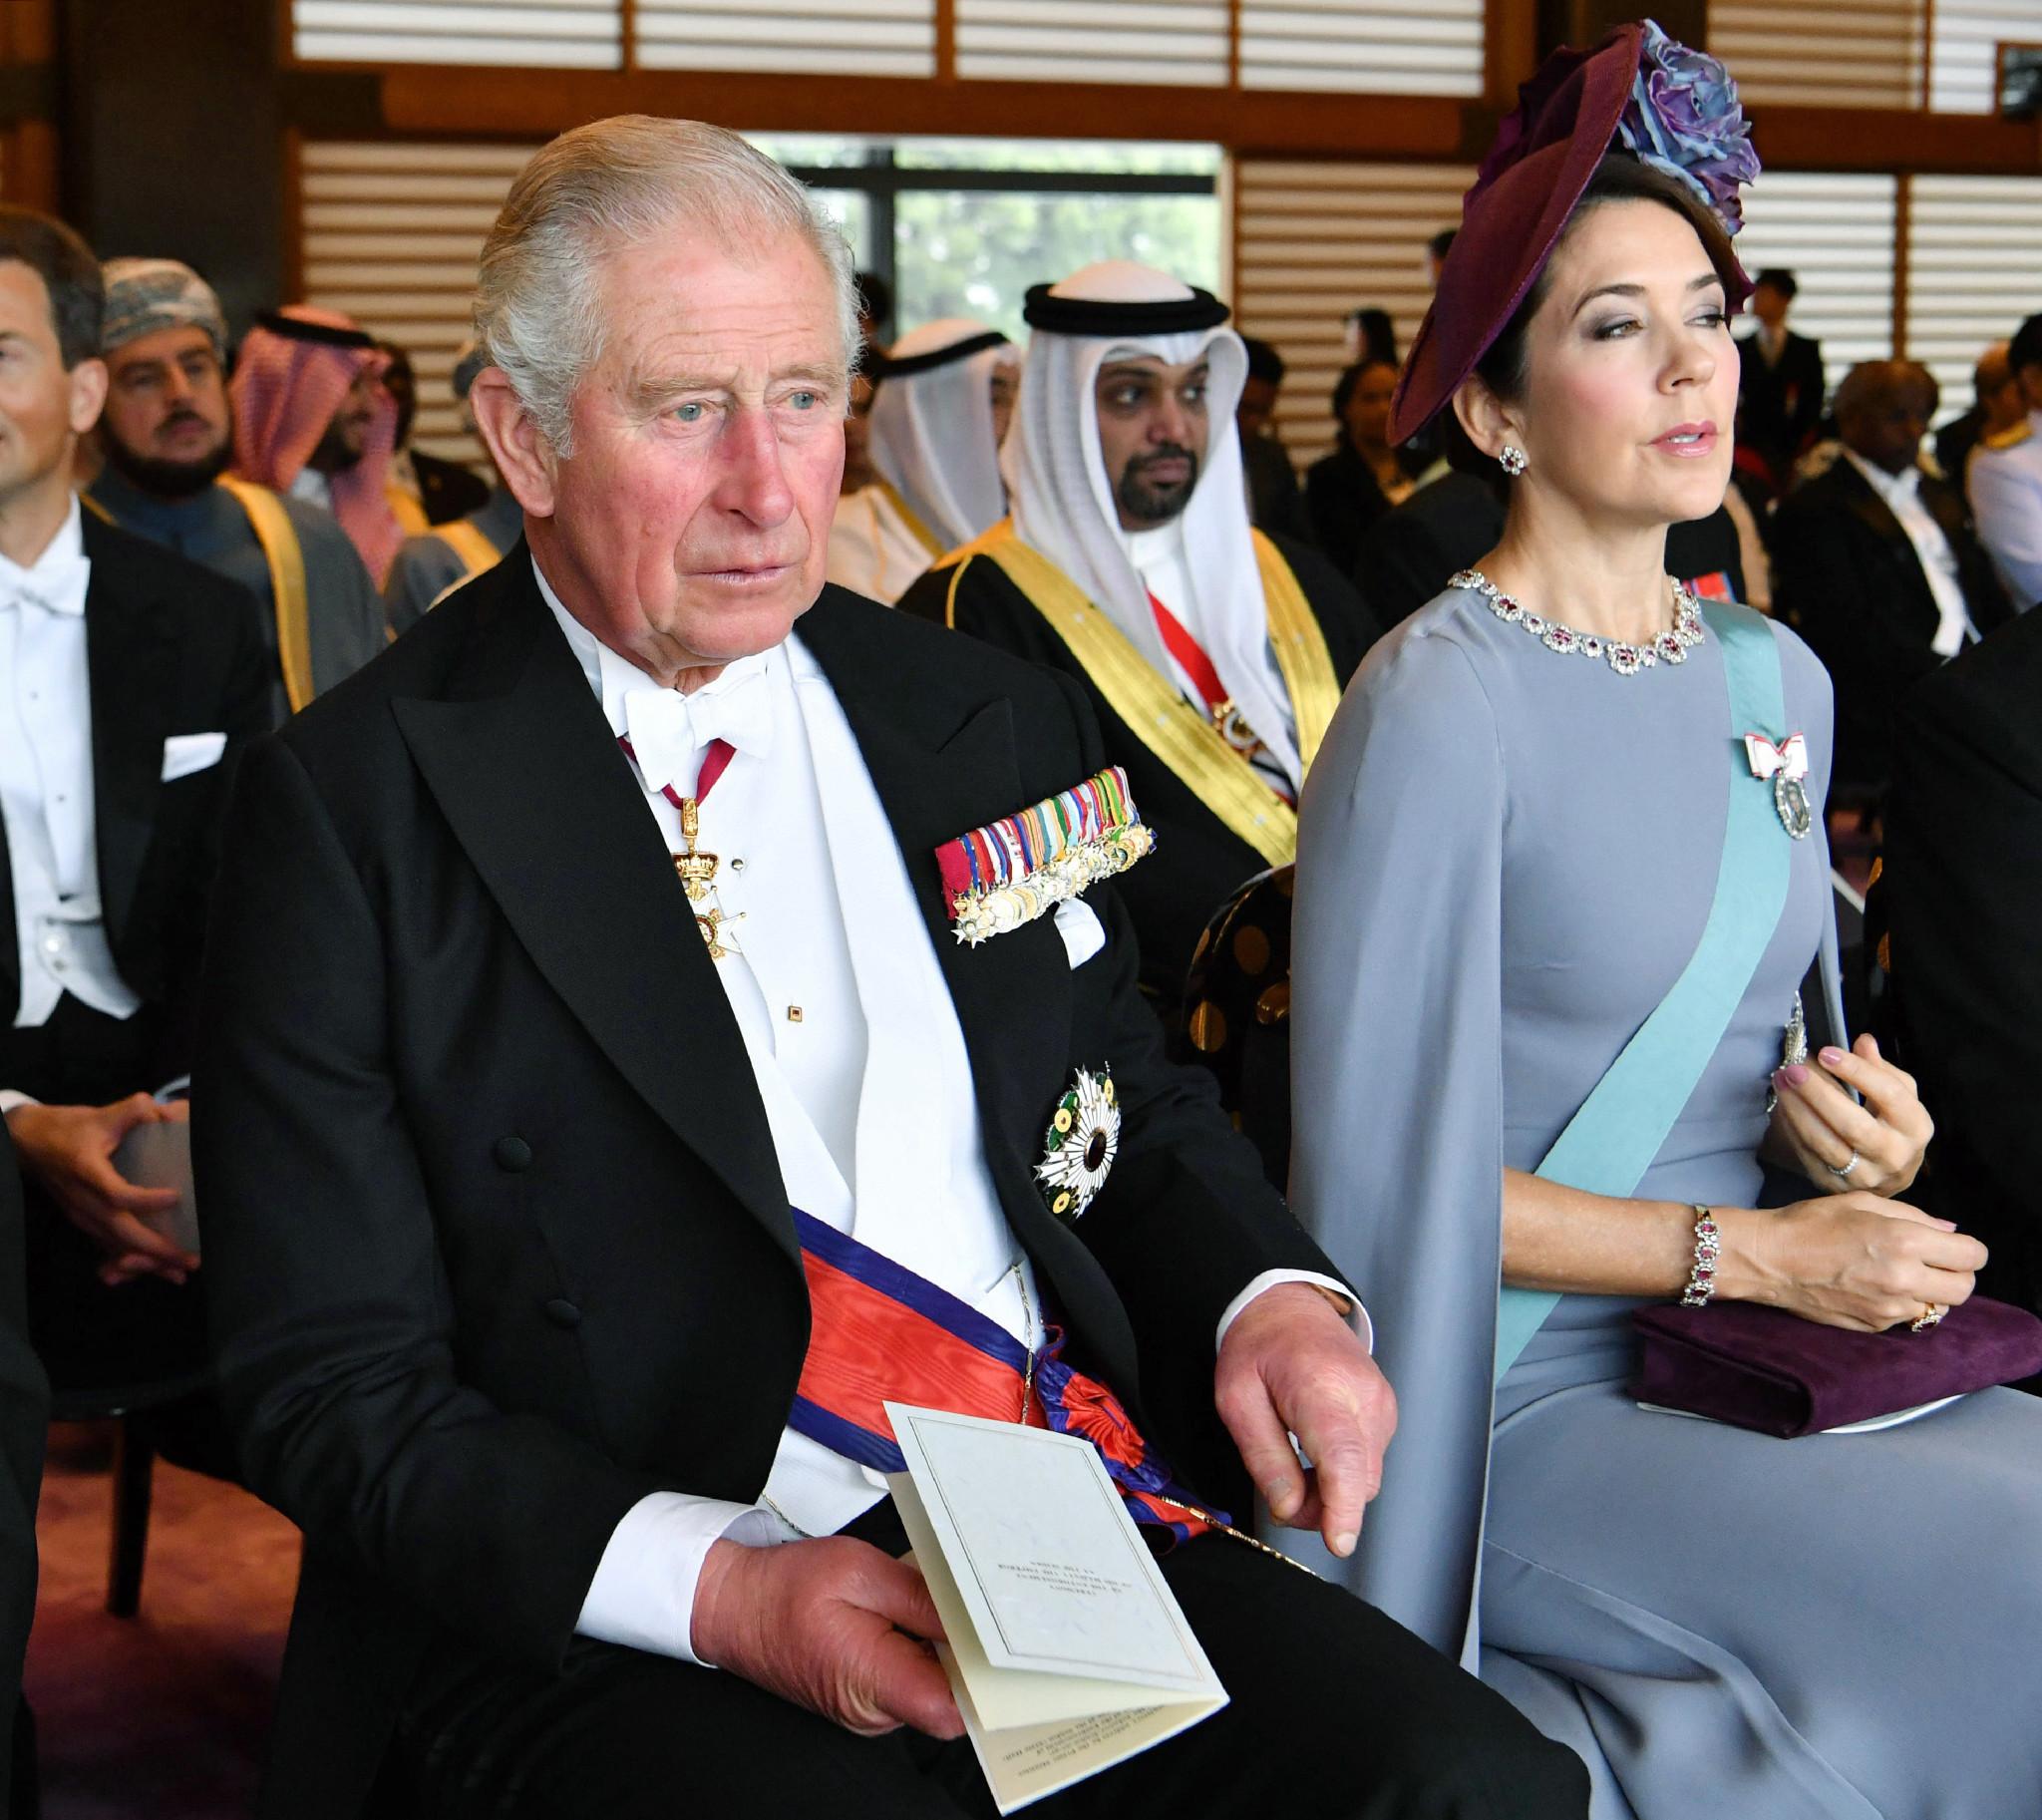 El Príncipe Carlos (izquierda) de Gran Bretaña y la Princesa Heredera María de Dinamarca asisten a la ceremonia de entronización del Emperador Naruhito (AFP)